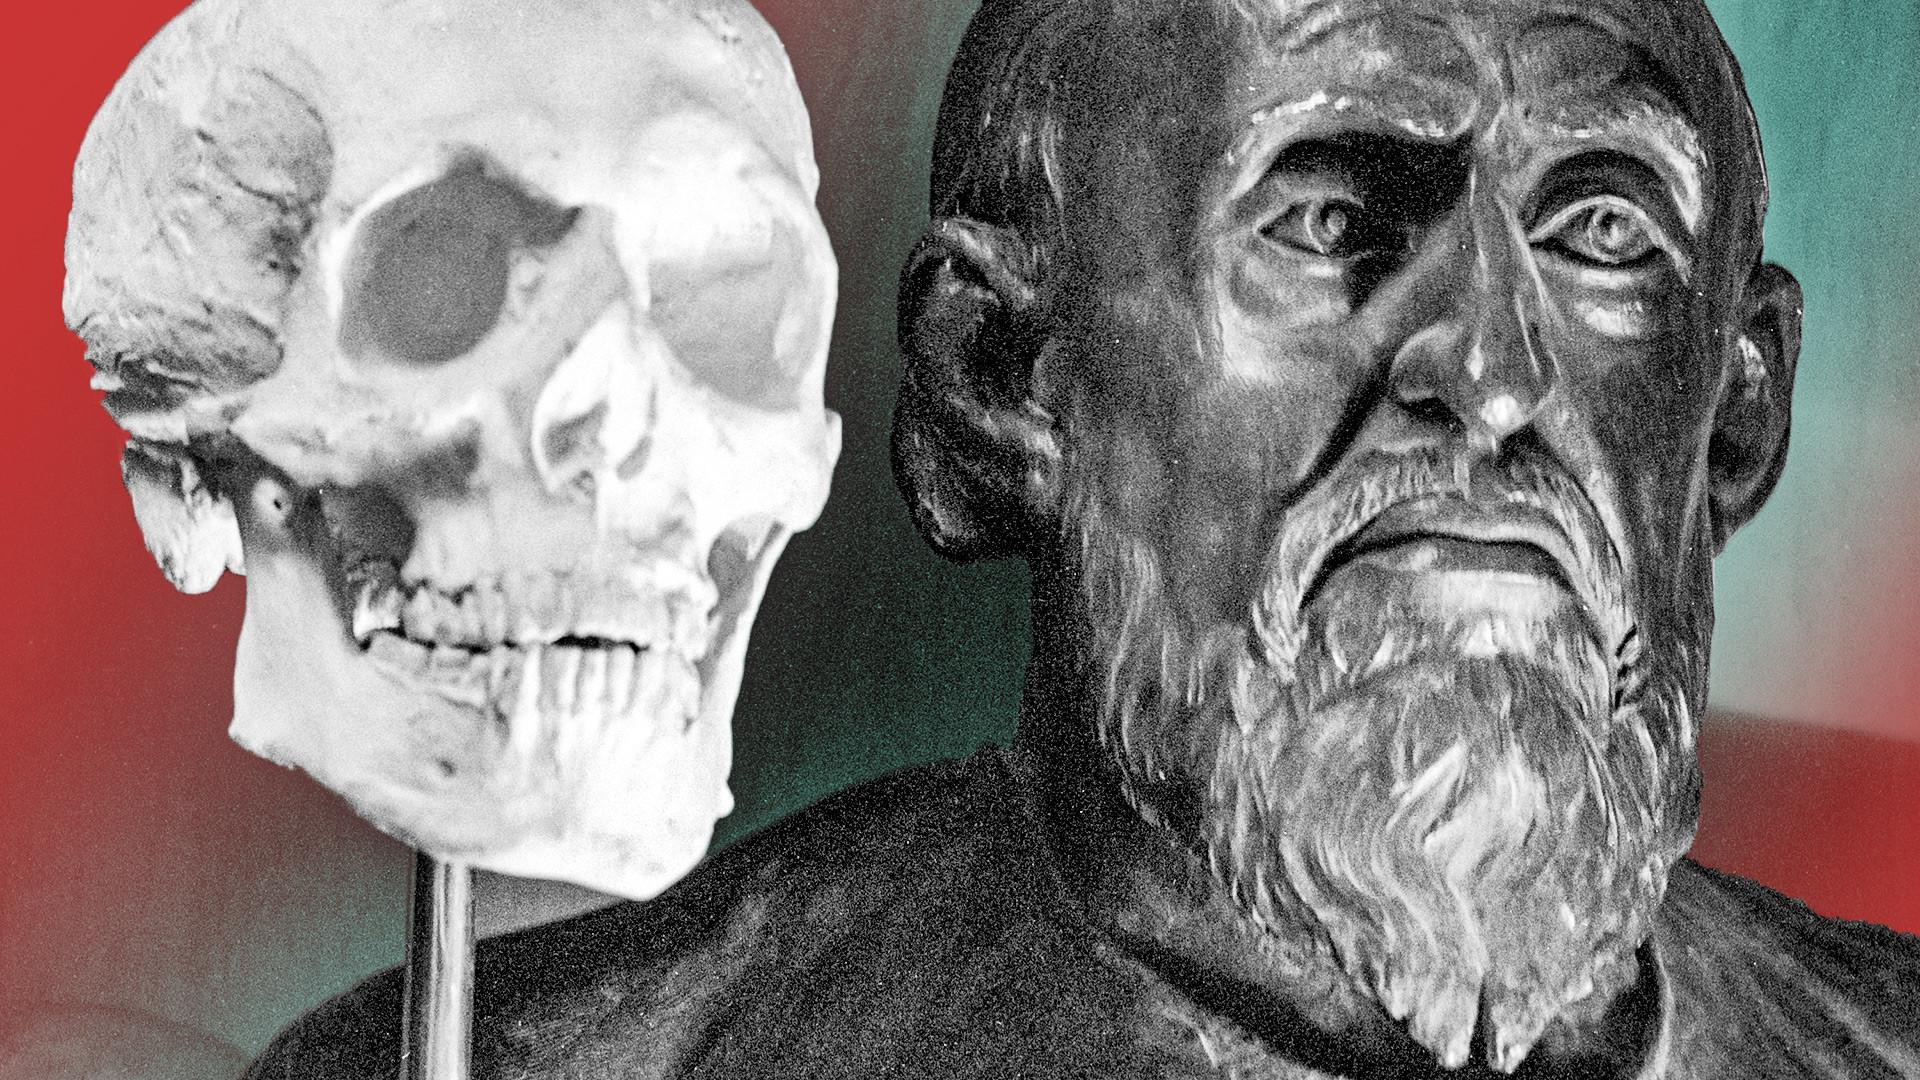 Glava prvog ruskog cara Ivana Groznog rekonstruirana po lubanji pomoću stereometrije. Laboratorij za plastičnu antropologiju.